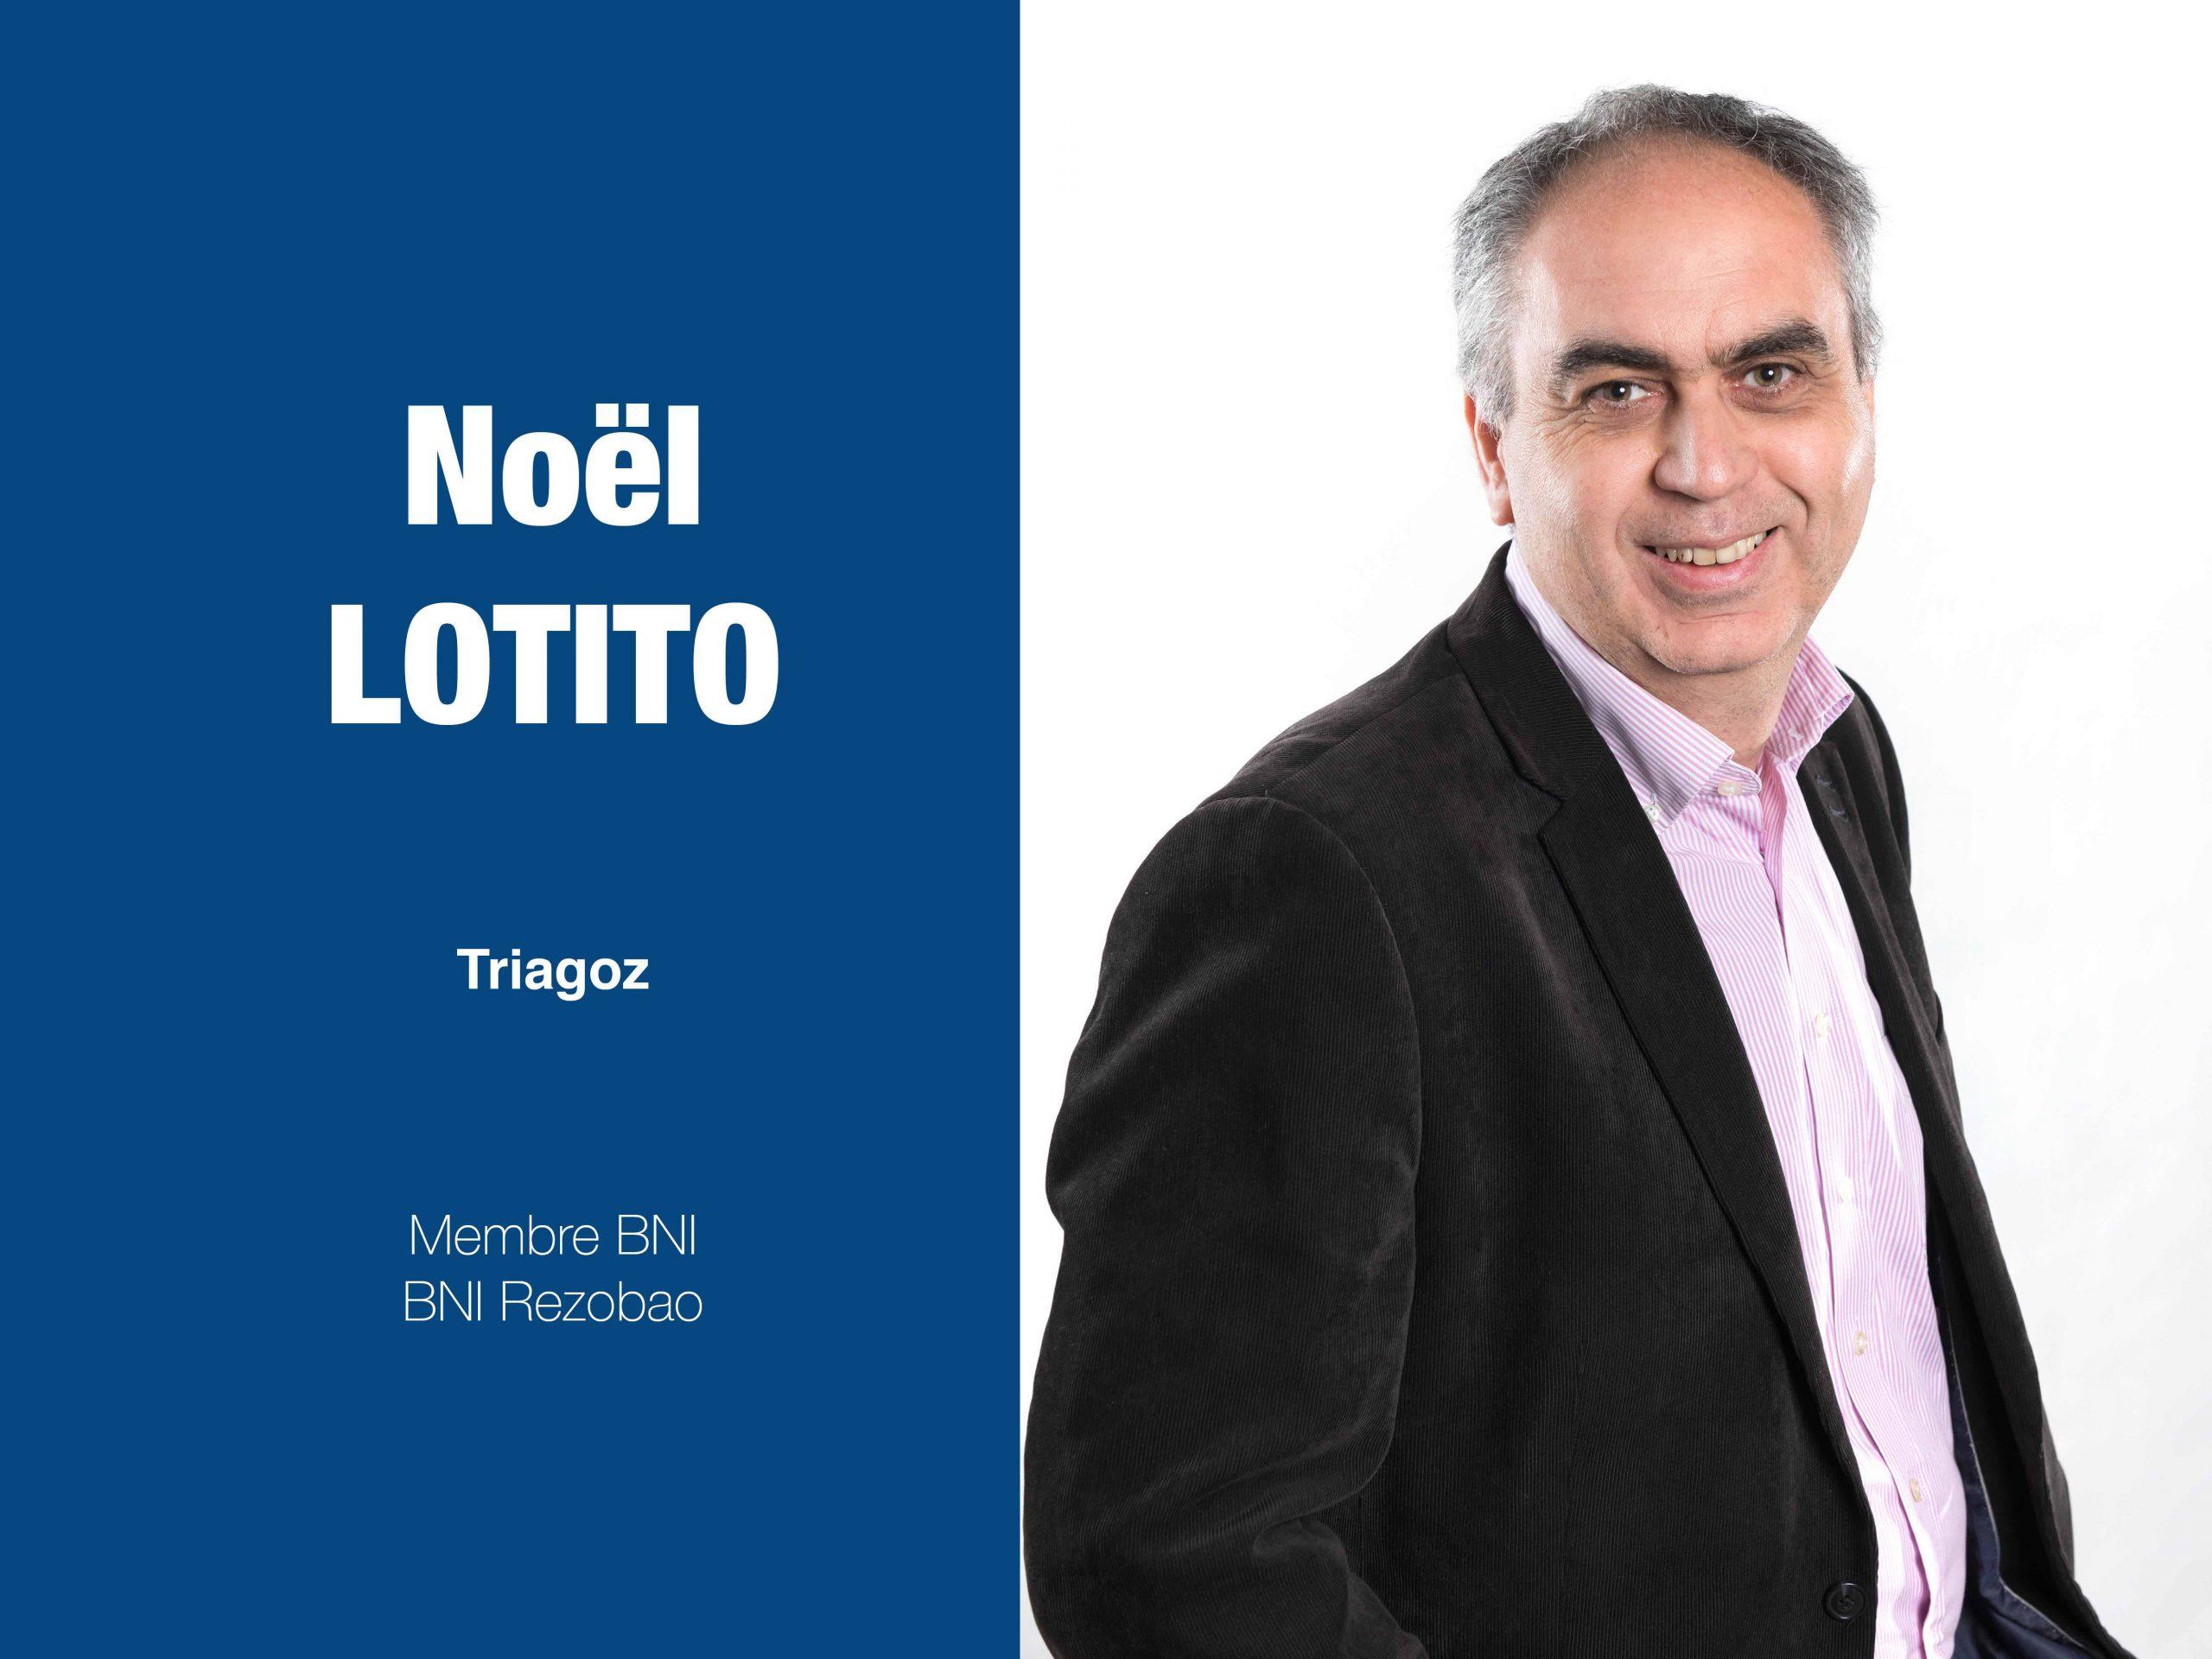 Noel-Lotito_Triagoz_bni-rezobao.jpg